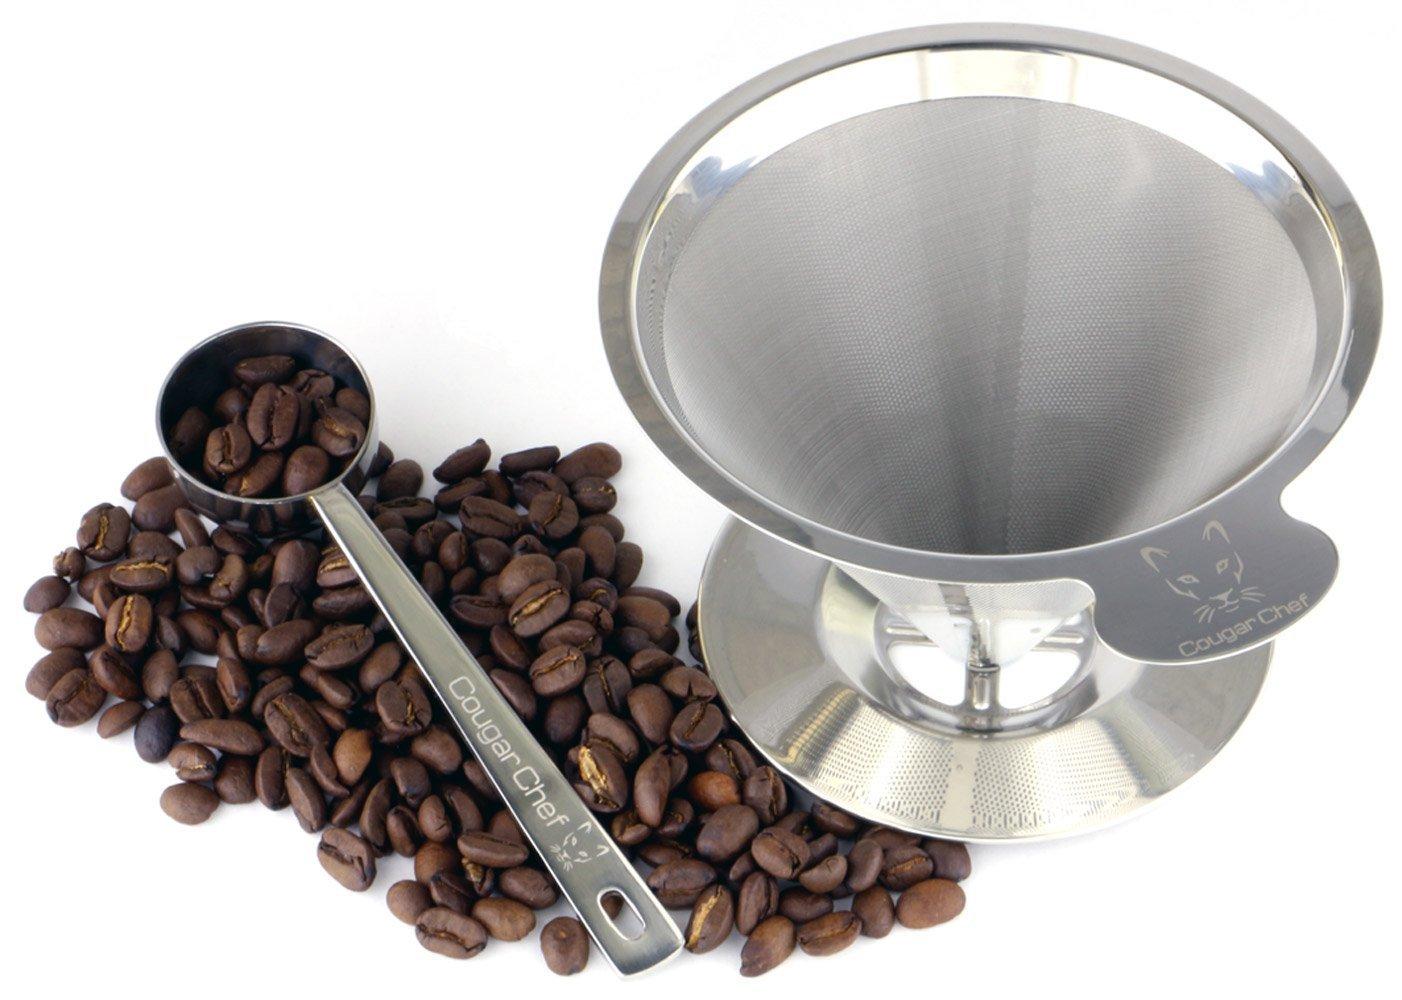 シングルカップコーヒーメーカーby Cougarシェフ B01NGUKBCI – with Permanent Stand、ペーパーレス、再利用可能なコーヒーフィルター円錐 – ダブルメッシュステンレススチールpour Over Coffee Dripper with Stand andコーヒースクープ B01NGUKBCI, 学生ショップ一番街:3f0a9c75 --- itxassou.fr